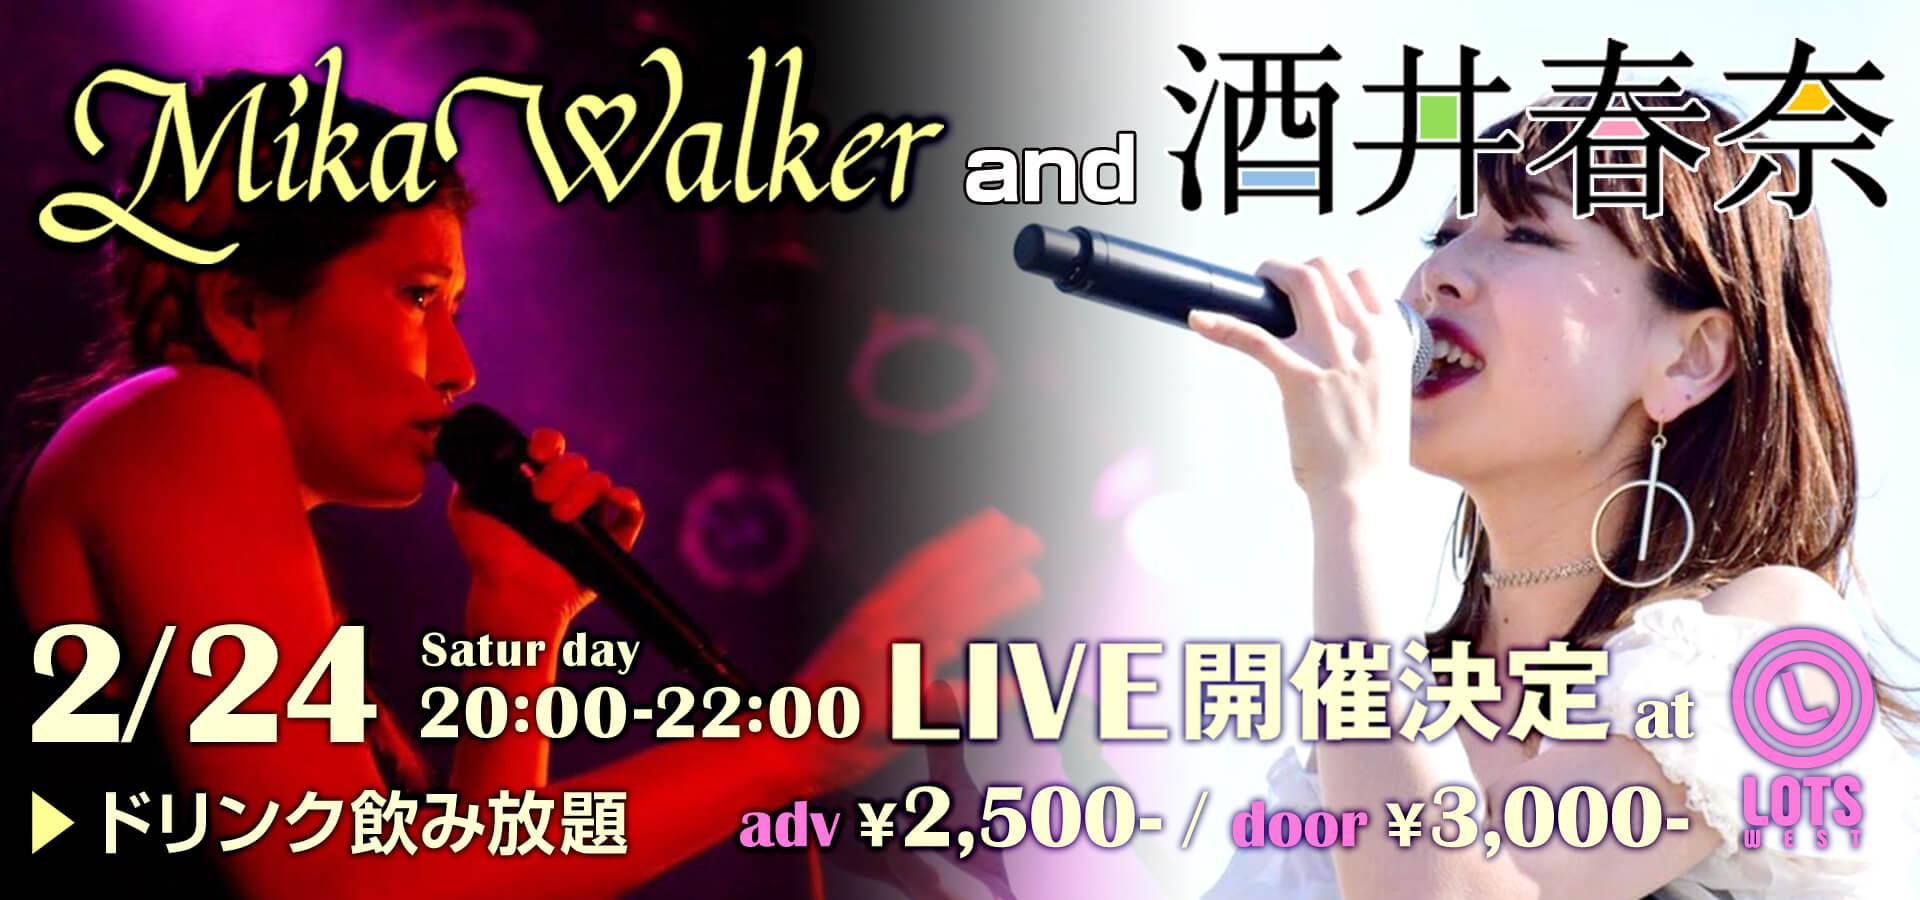 Mikawalker&酒井春奈Live